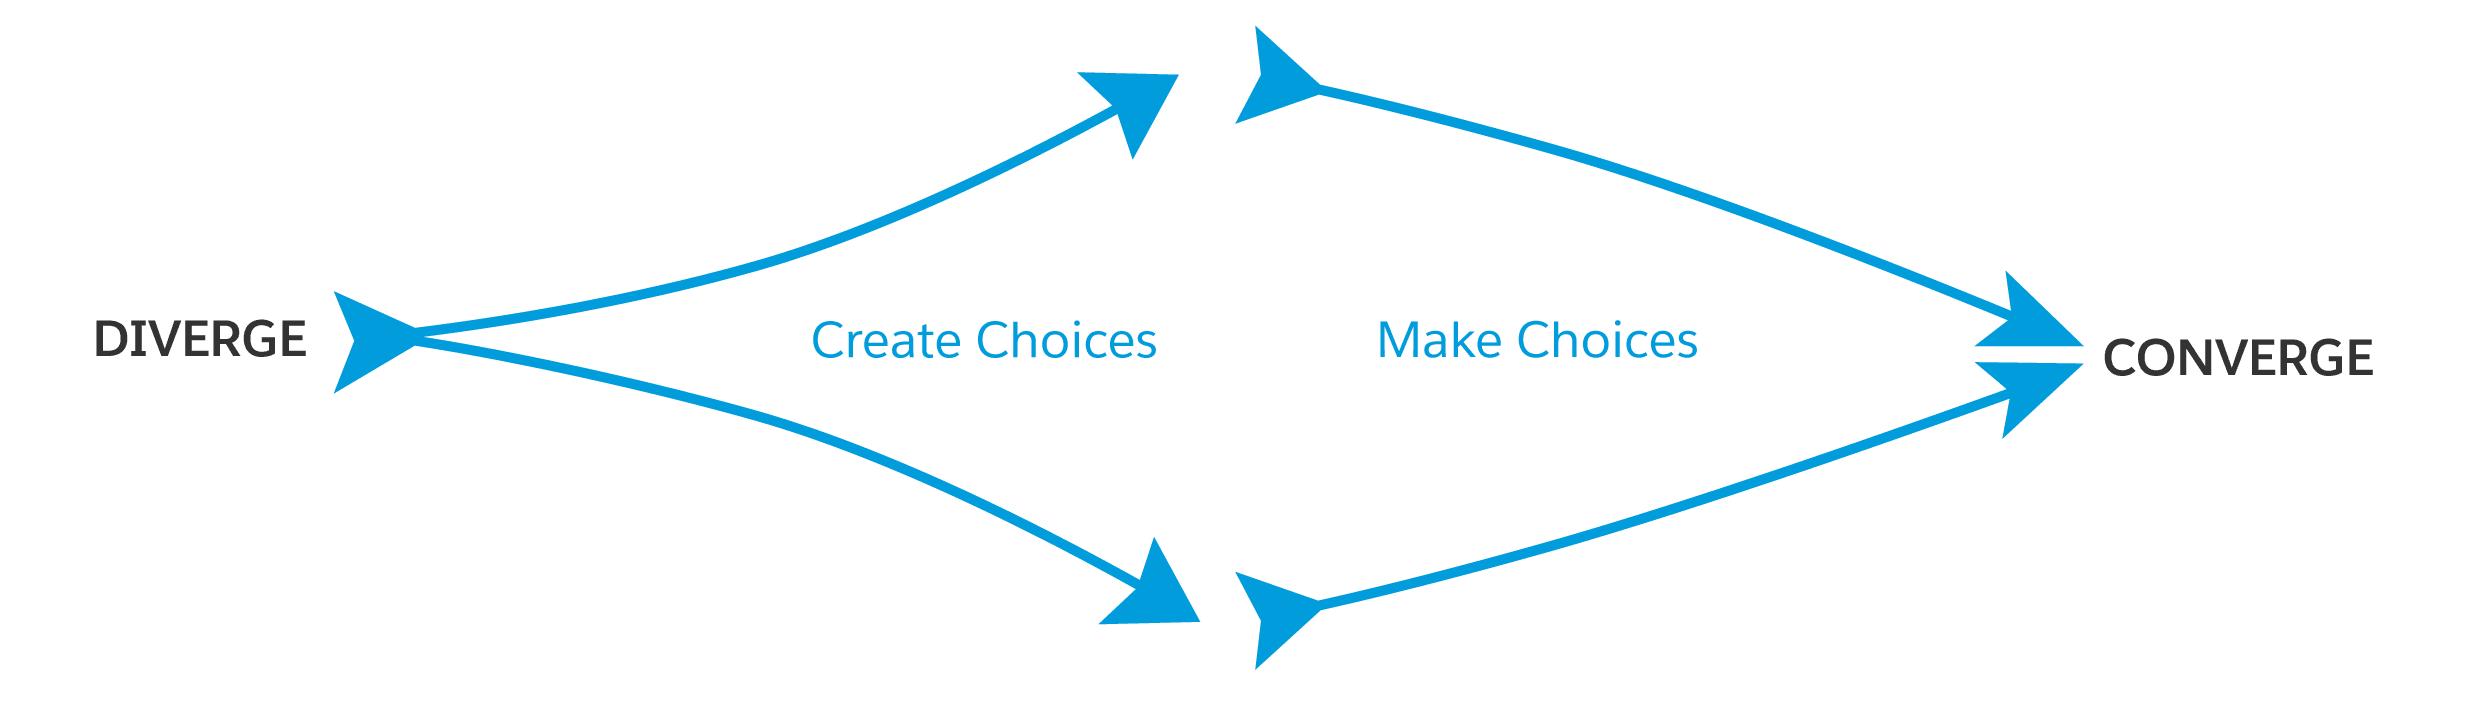 Diverge: Create choices. Converge: Make choices.